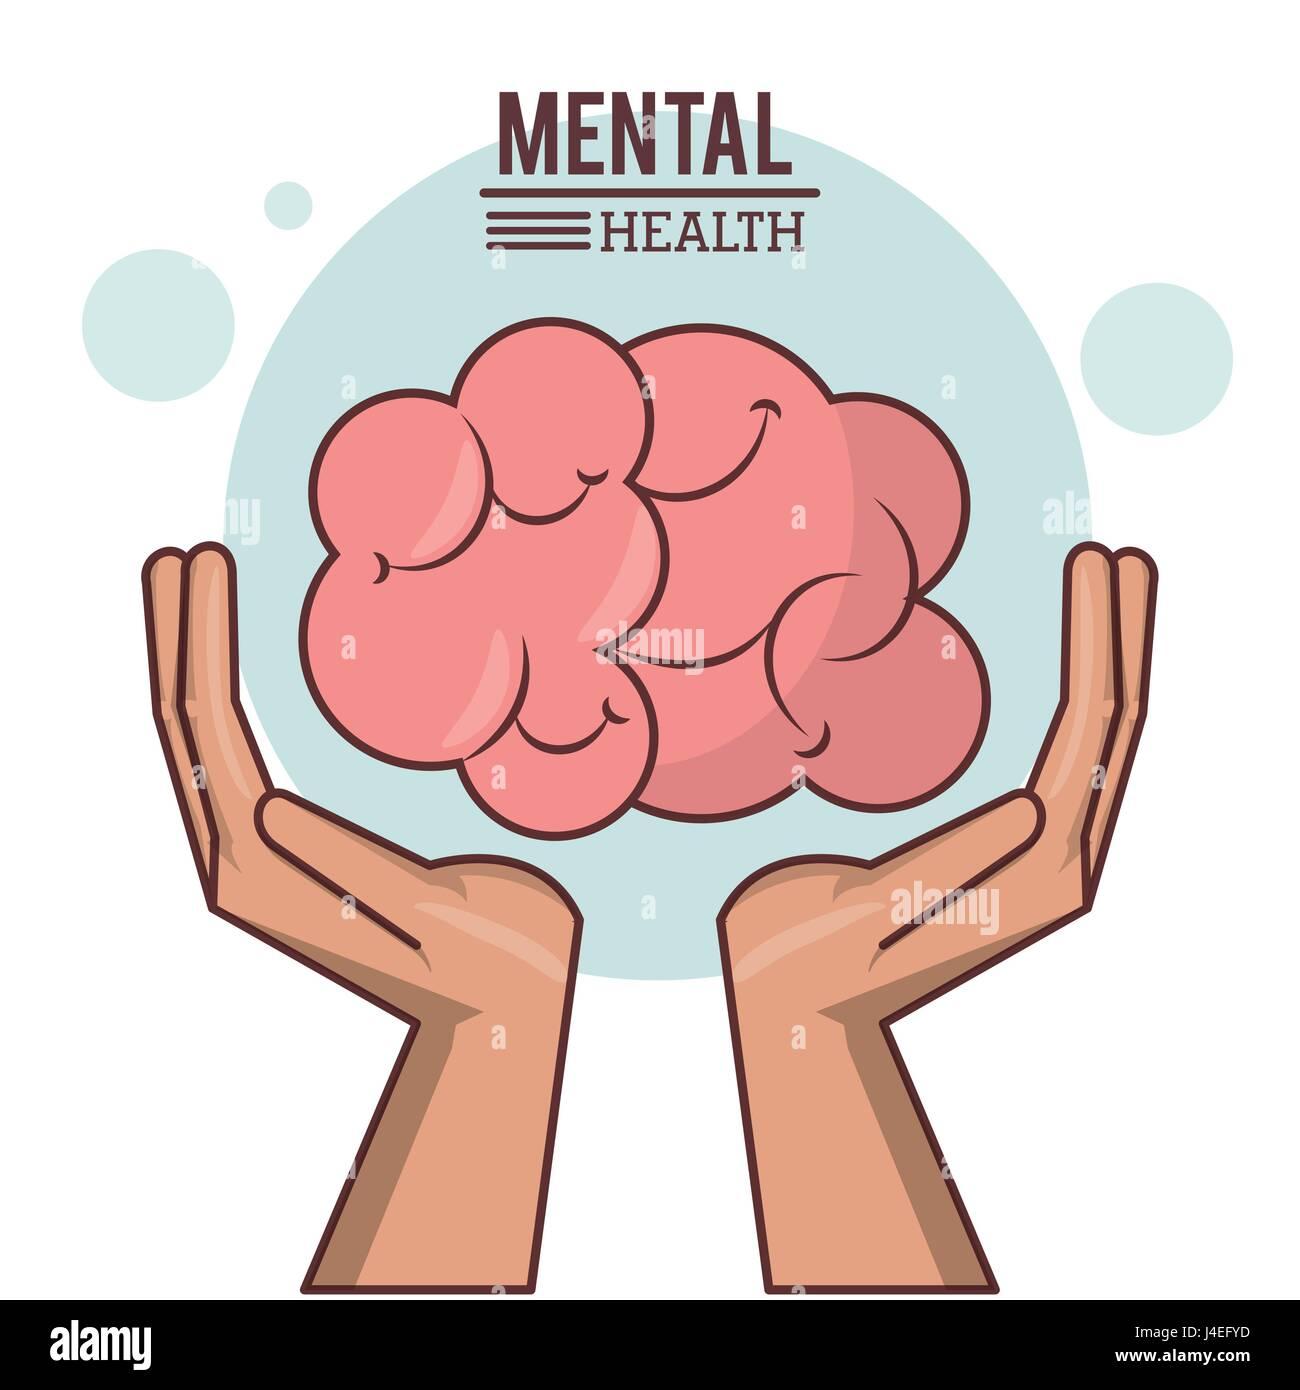 La salute mentale, la mano con il cervello umano design Immagini Stock